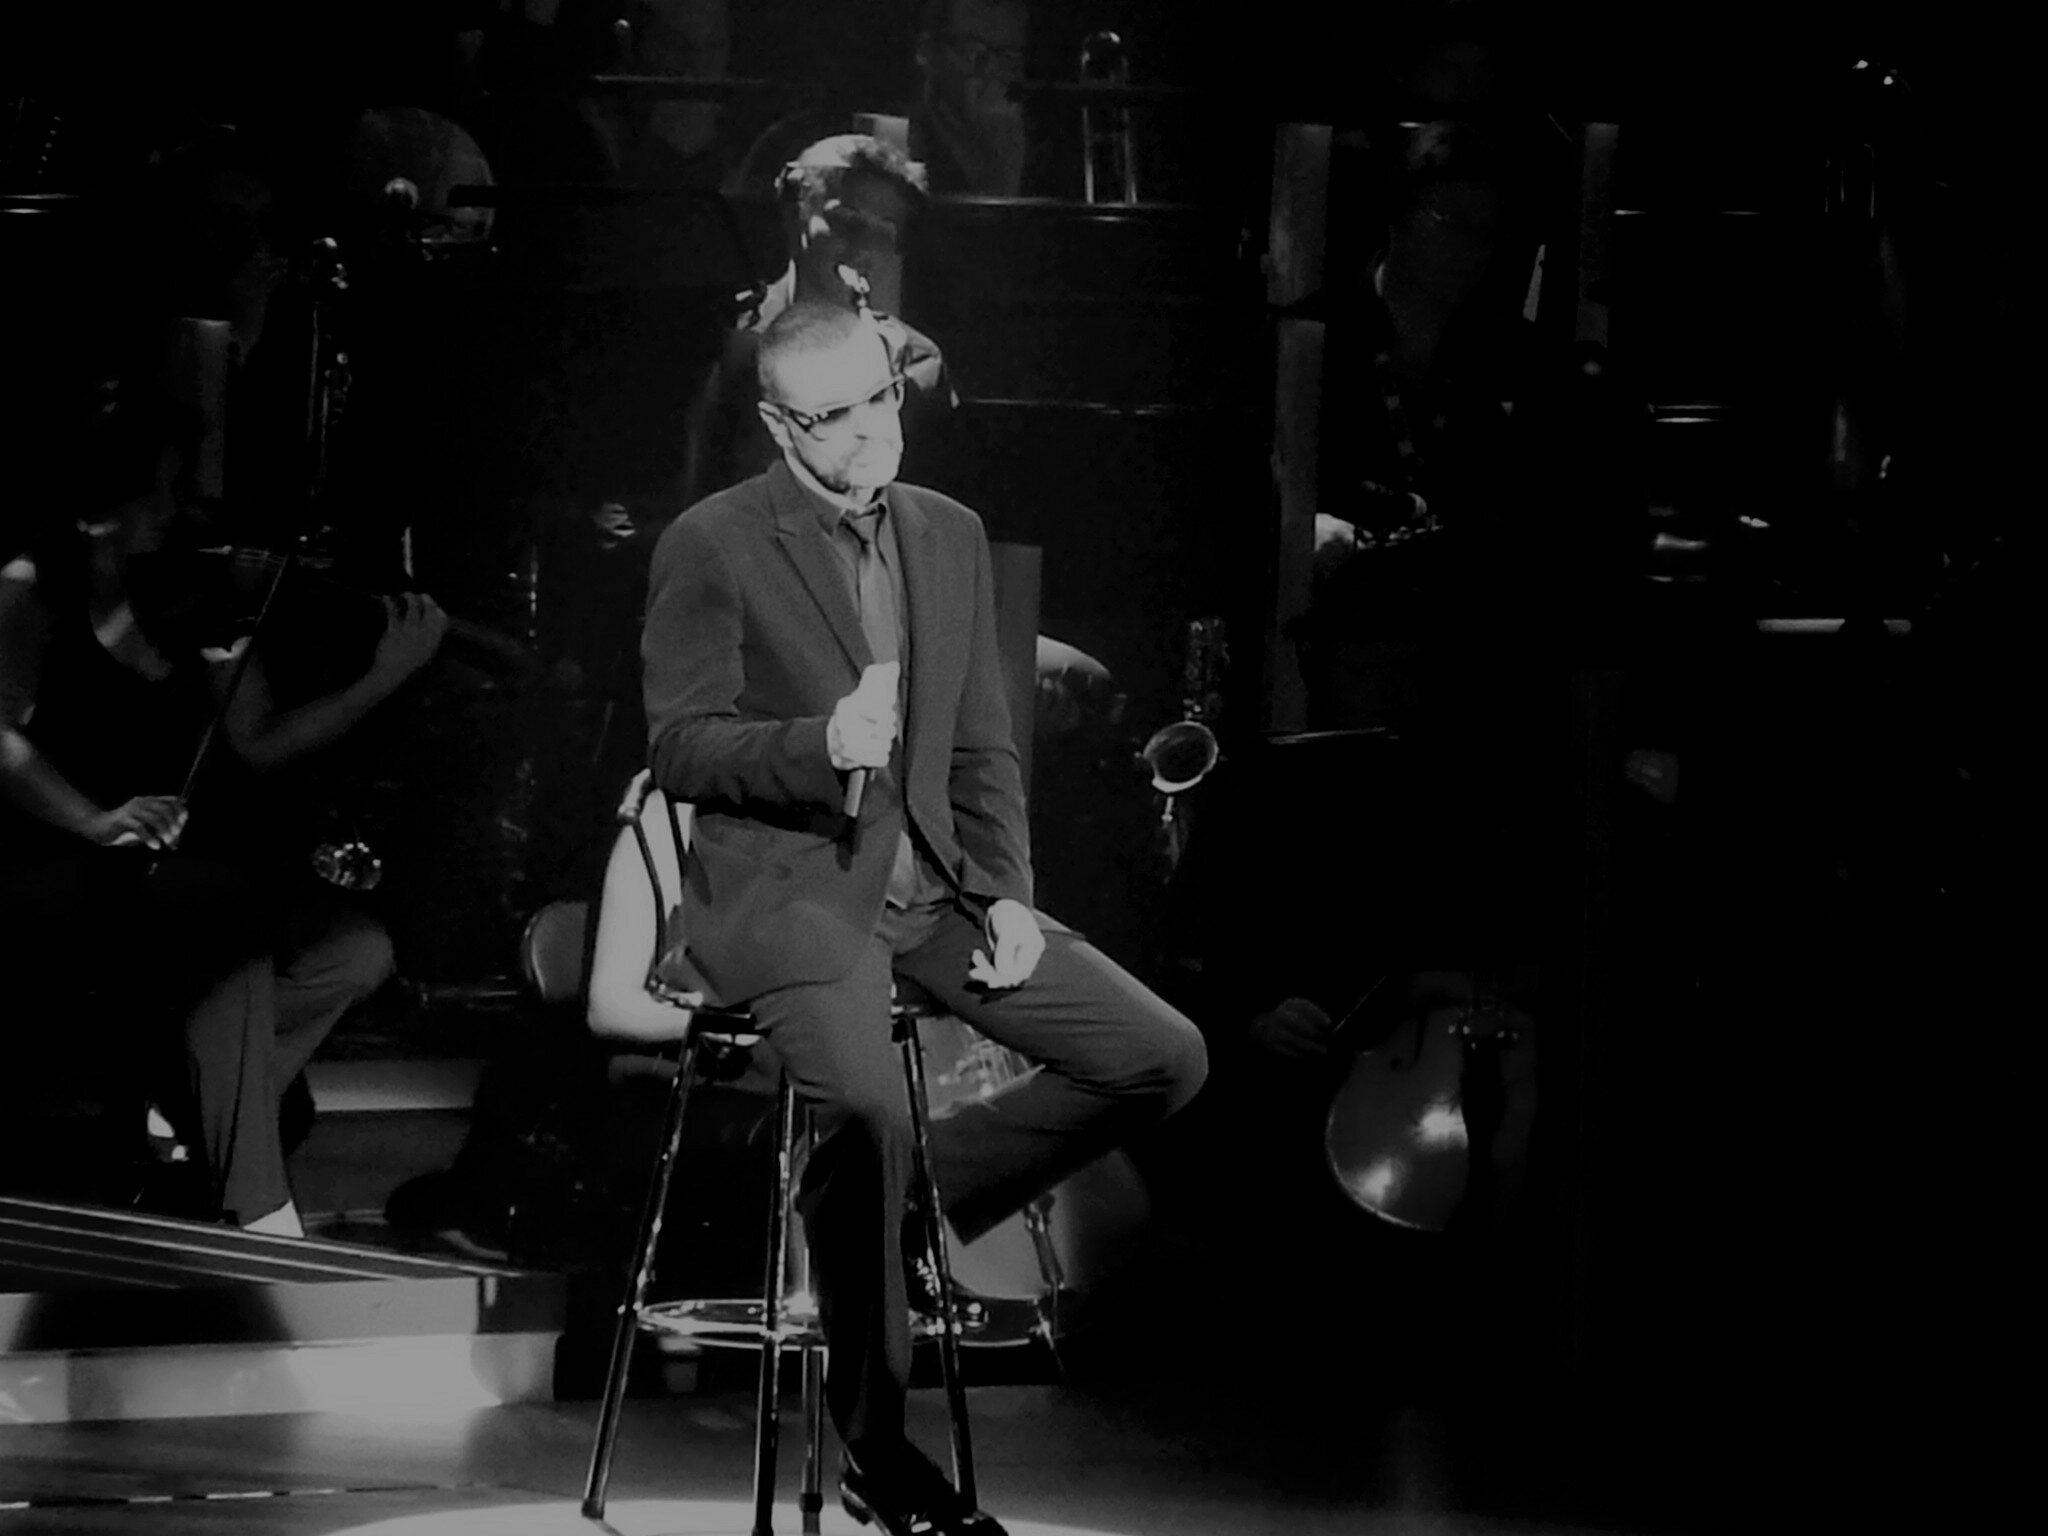 """George Michael – brytyjski piosenkarz i kompozytor. Twórca takich przebojów jak """"Careless Whisper"""", """"Wake me up before you go-go"""" czy """"Last Christmas"""". Zmarł 25 grudnia 2016 r."""